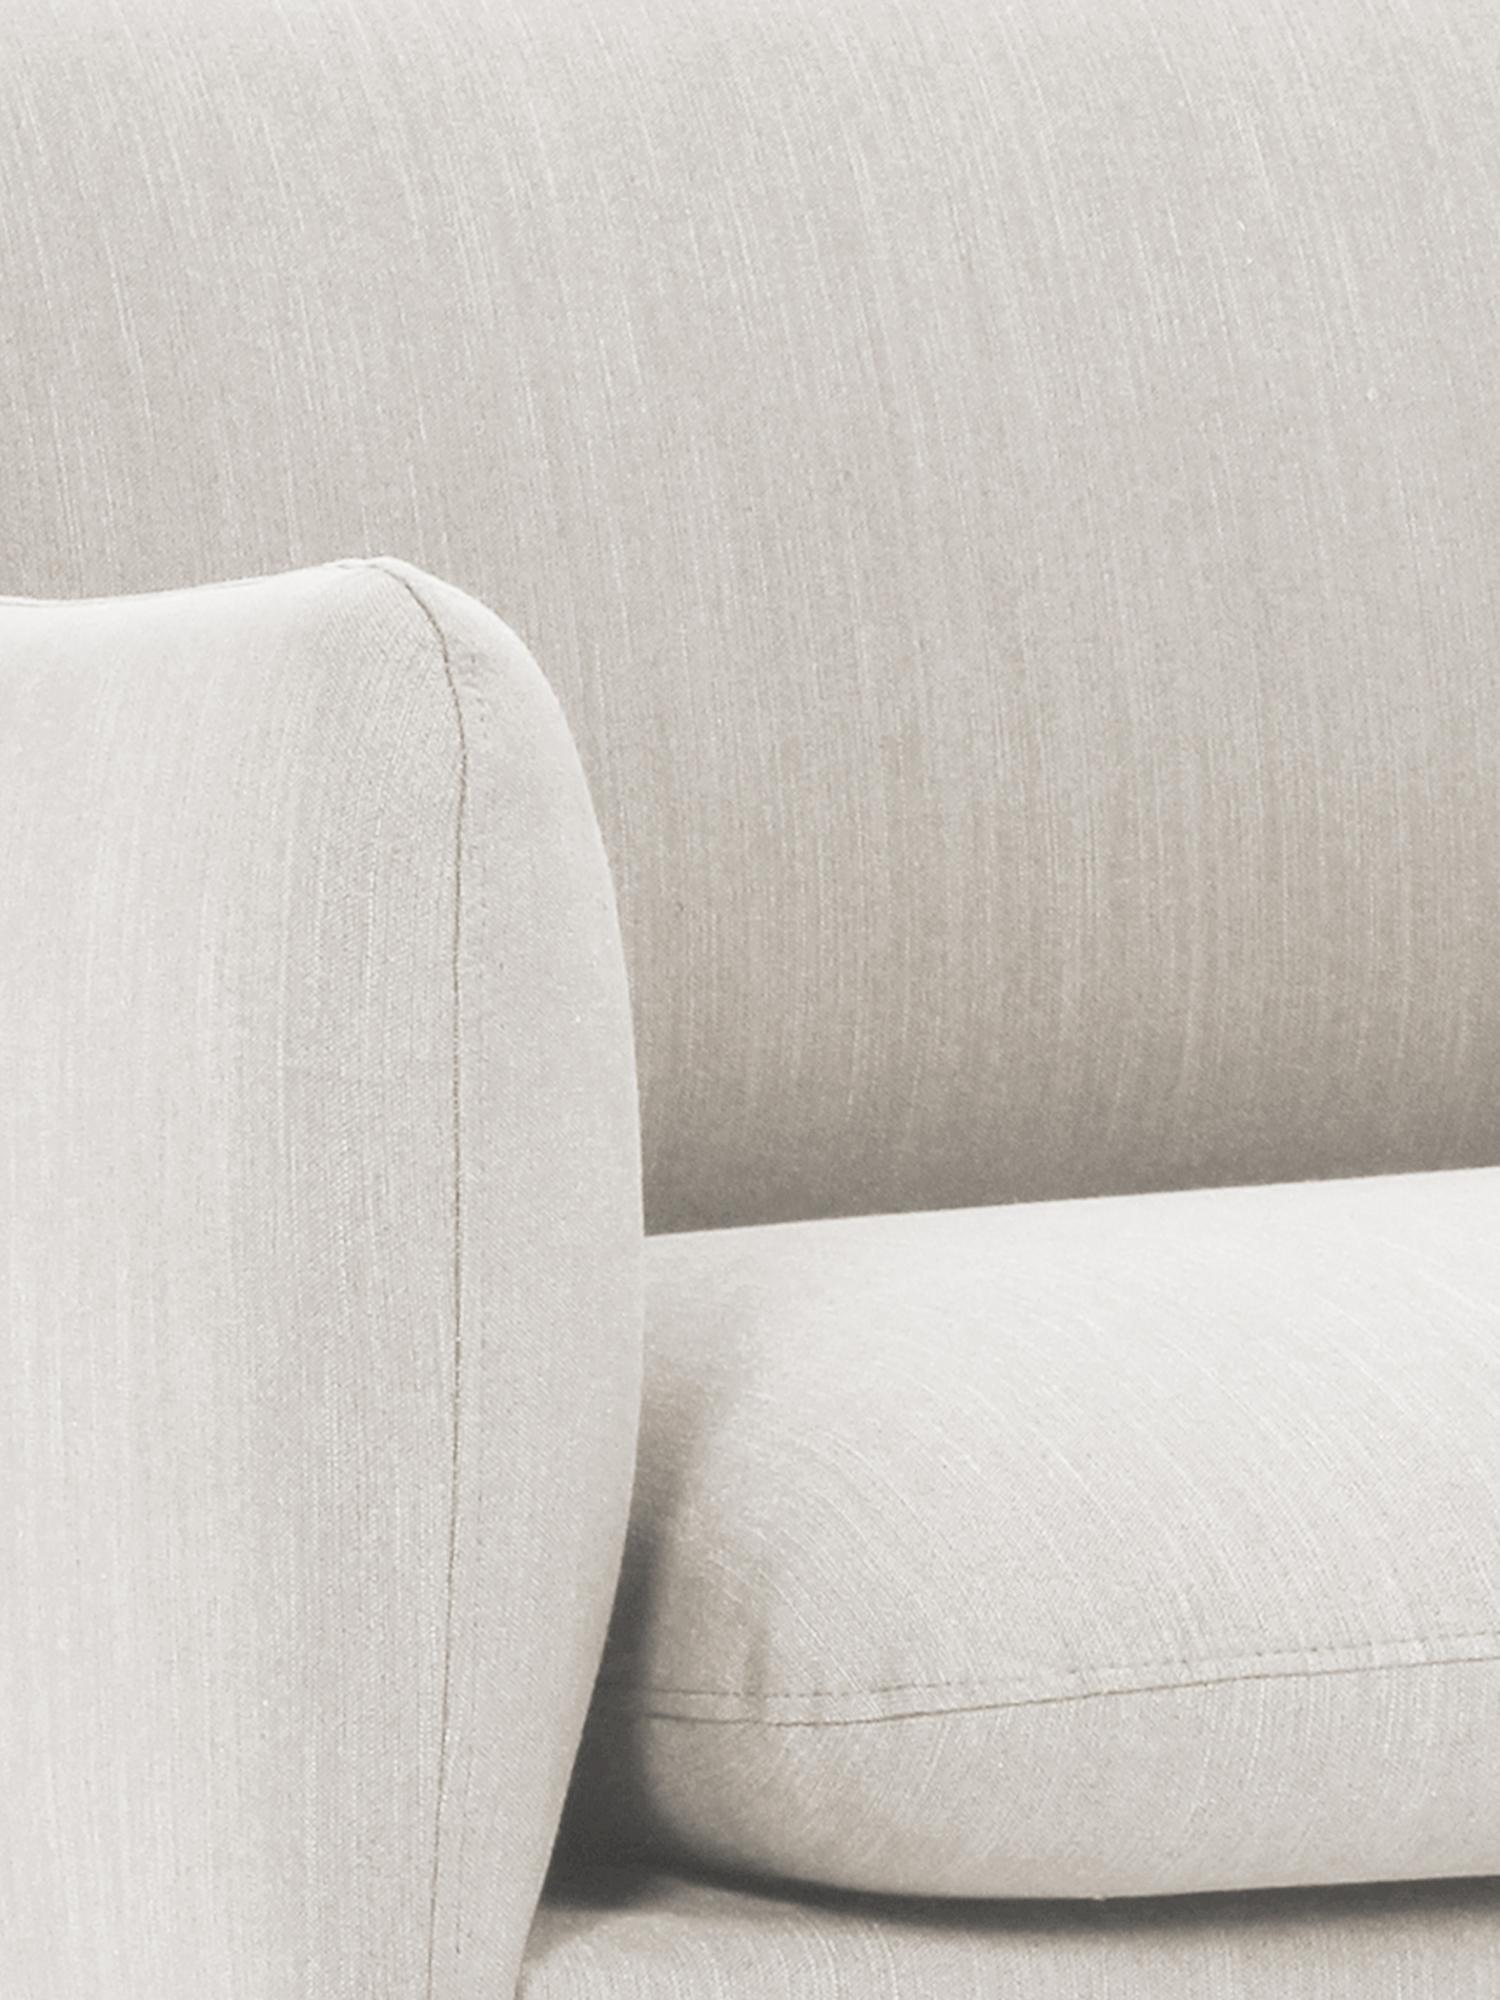 Divano 3 posti in tessuto beige Moby, Rivestimento: poliestere 60.000 cicli d, Struttura: legno di pino massiccio, Piedini: metallo, verniciato a pol, Tessuto beige, Larg. 220 x Prof. 95 cm